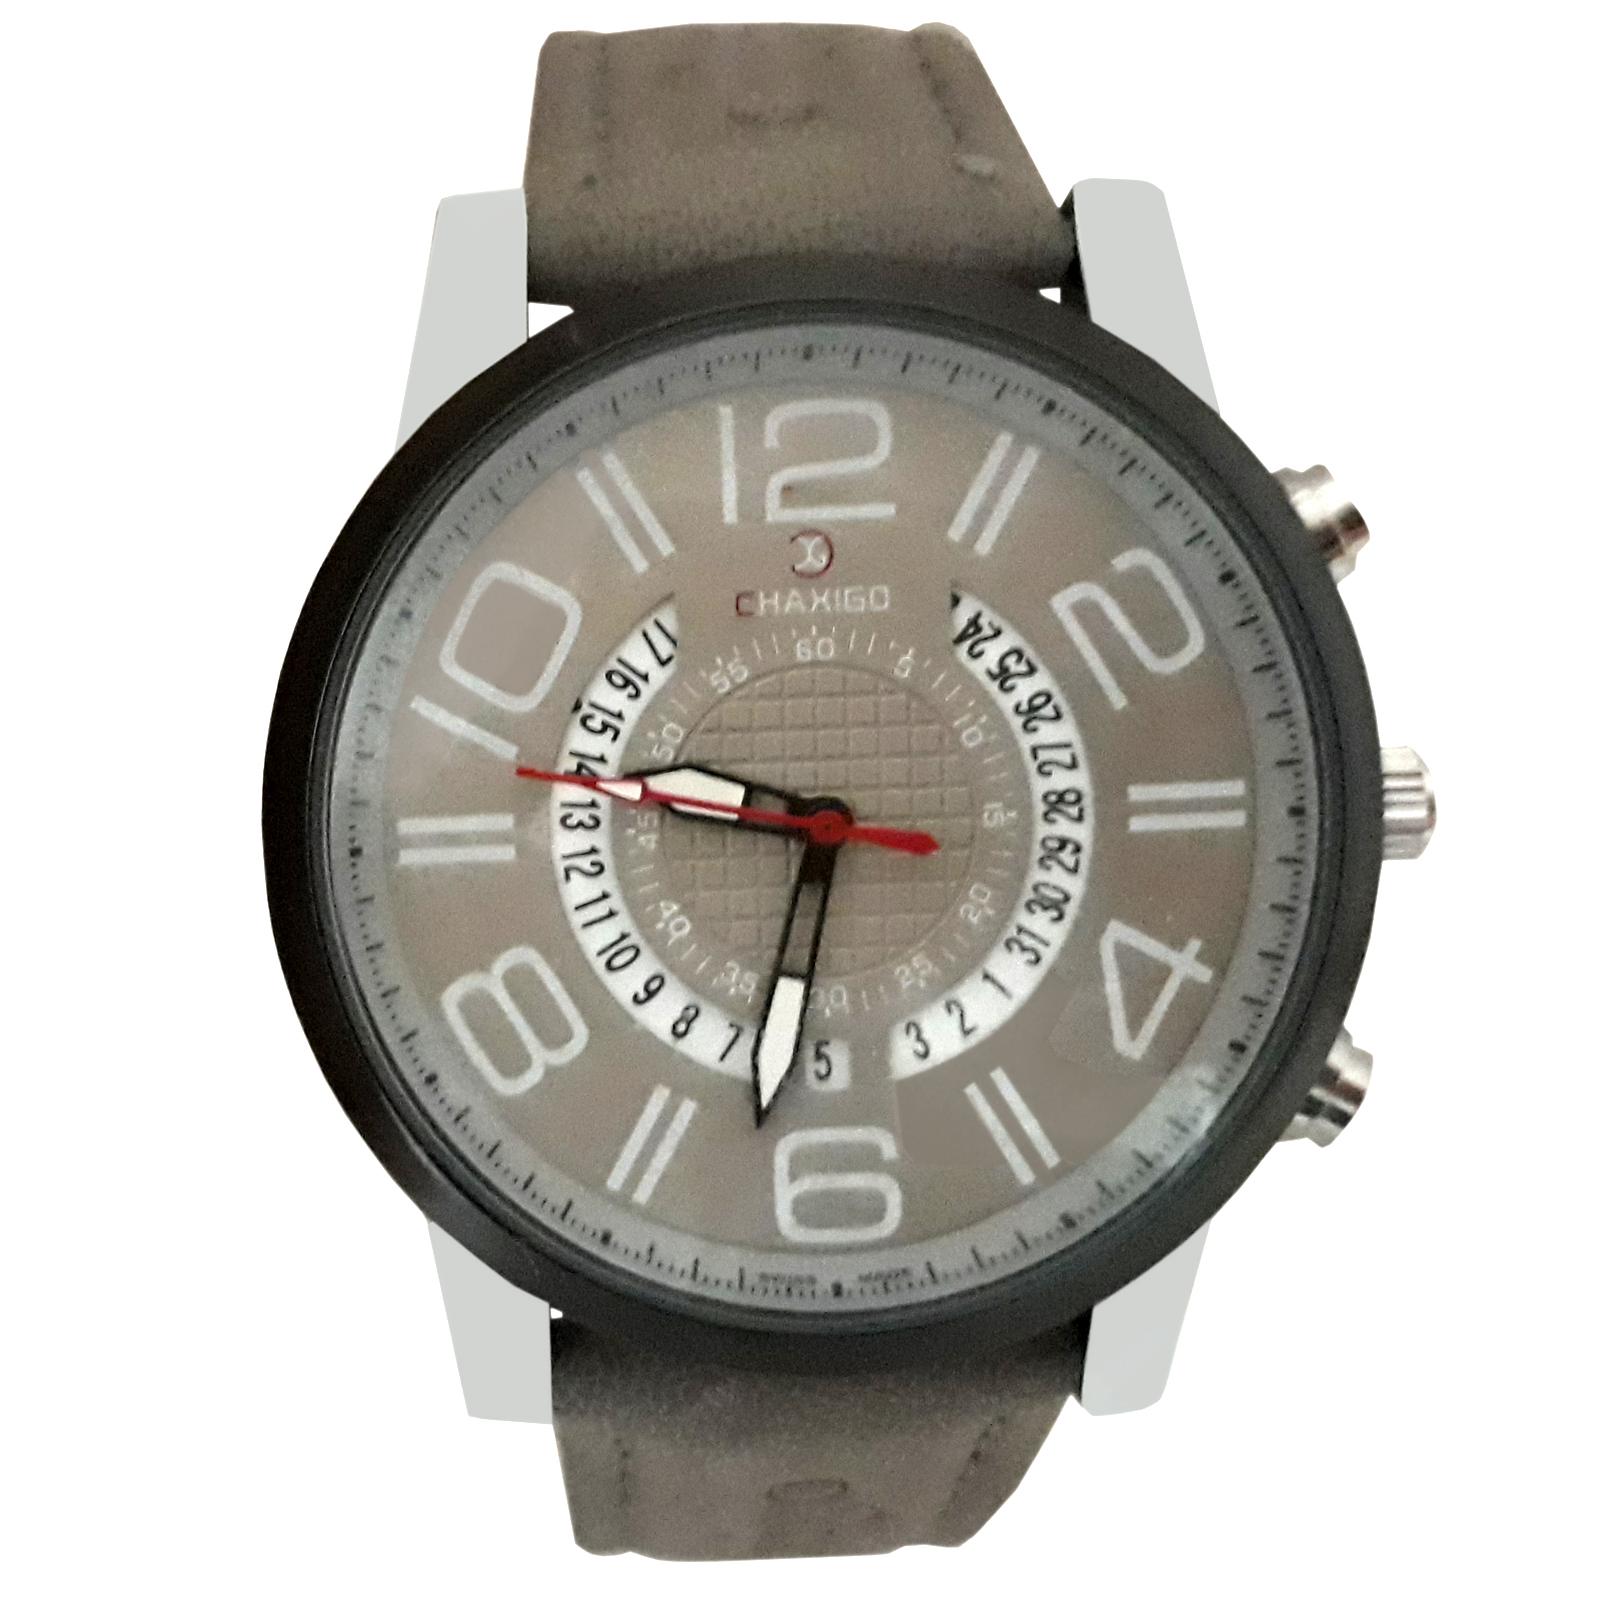 قیمت و خرید                      ساعت مچی عقربهای مردانه چاکسیگو مدل 8564 کد 001